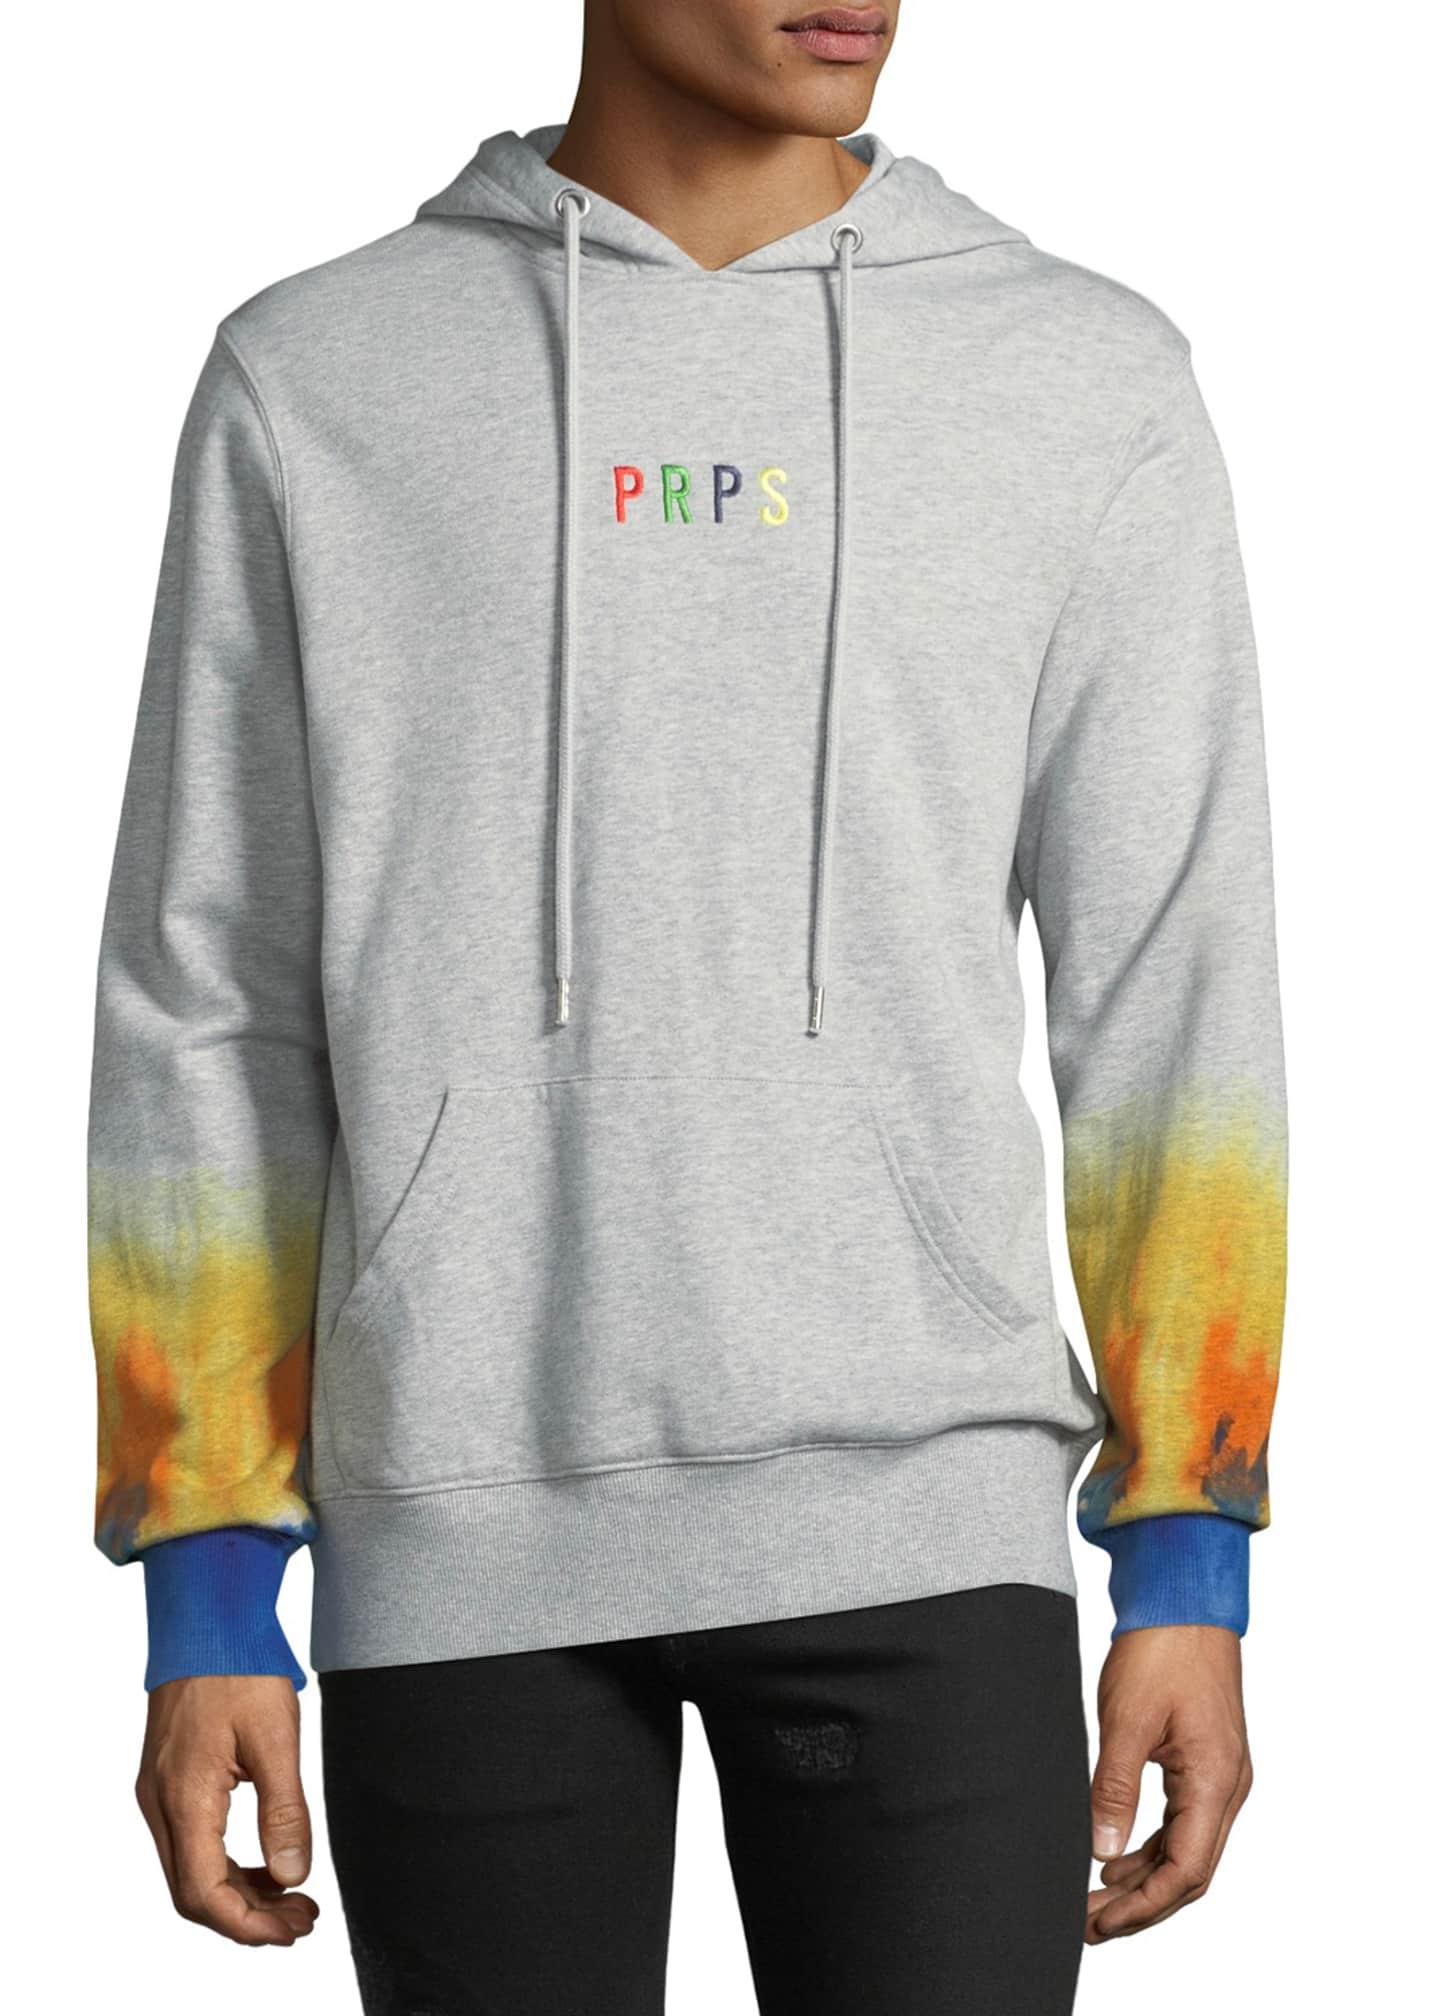 PRPS Men's Hoodie Fleece Pullover Sweater with Rainbow